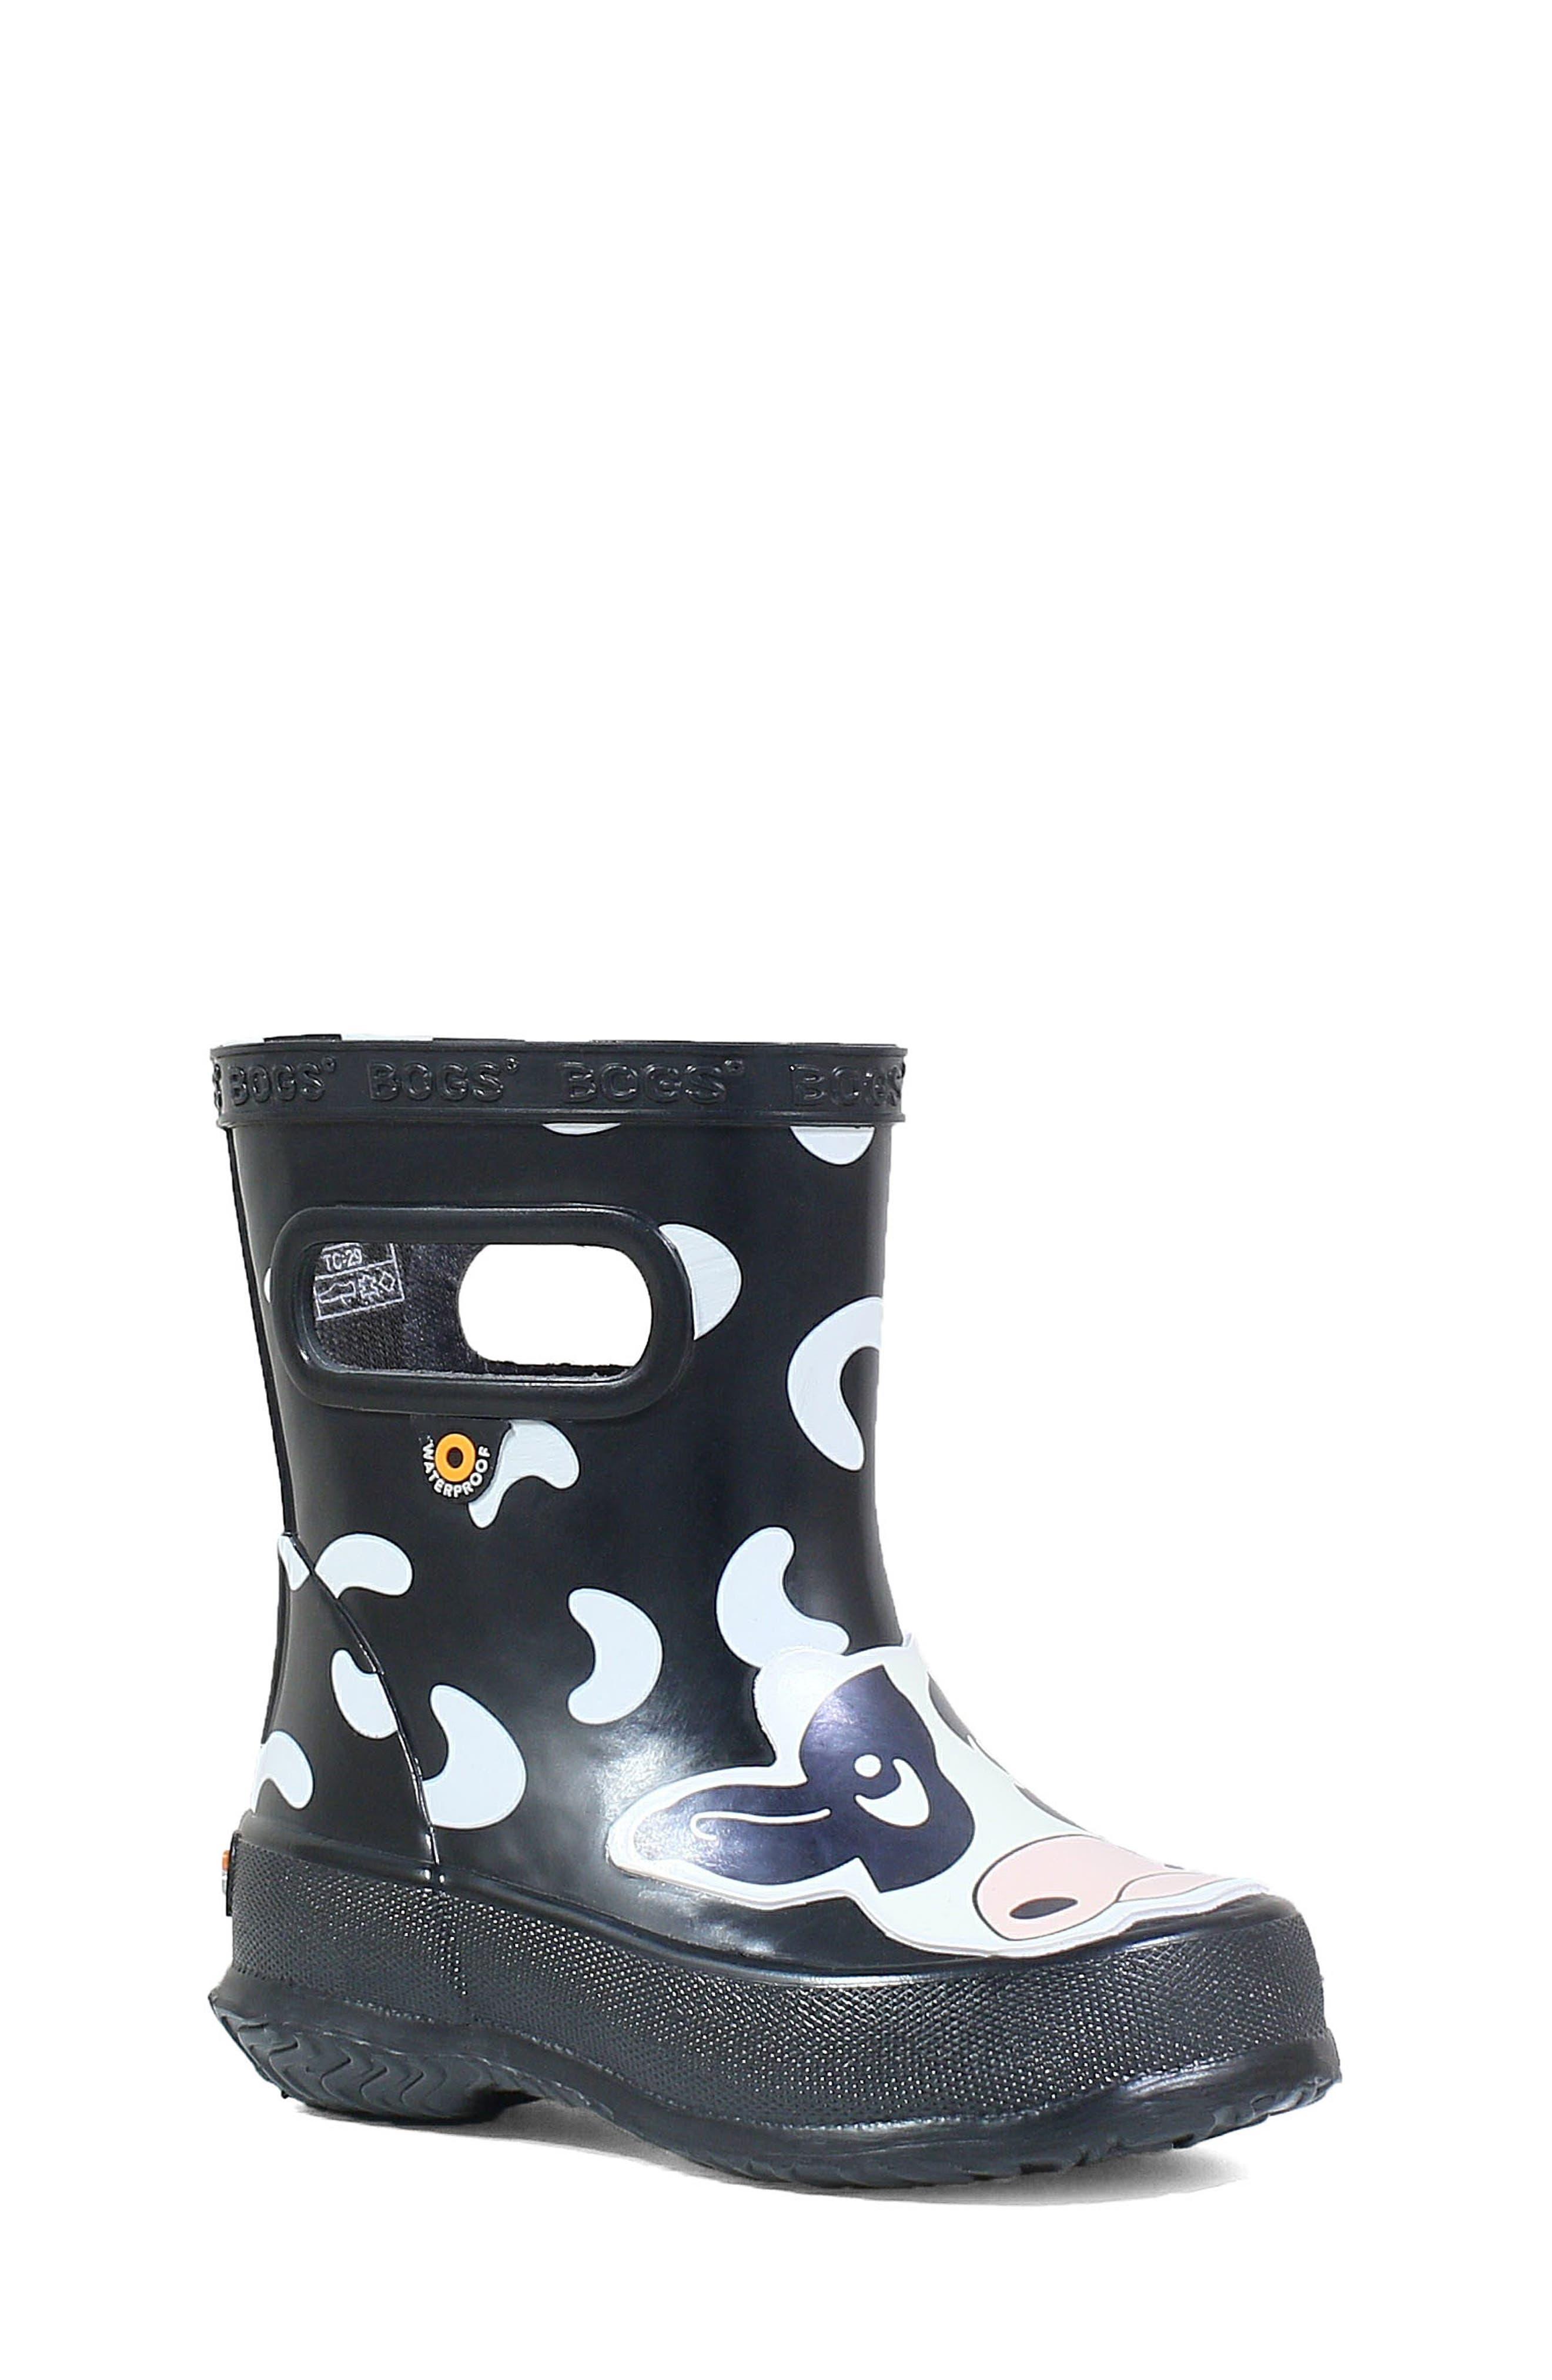 BOGS, Animal Skipper Waterproof Rain Boot, Main thumbnail 1, color, 009